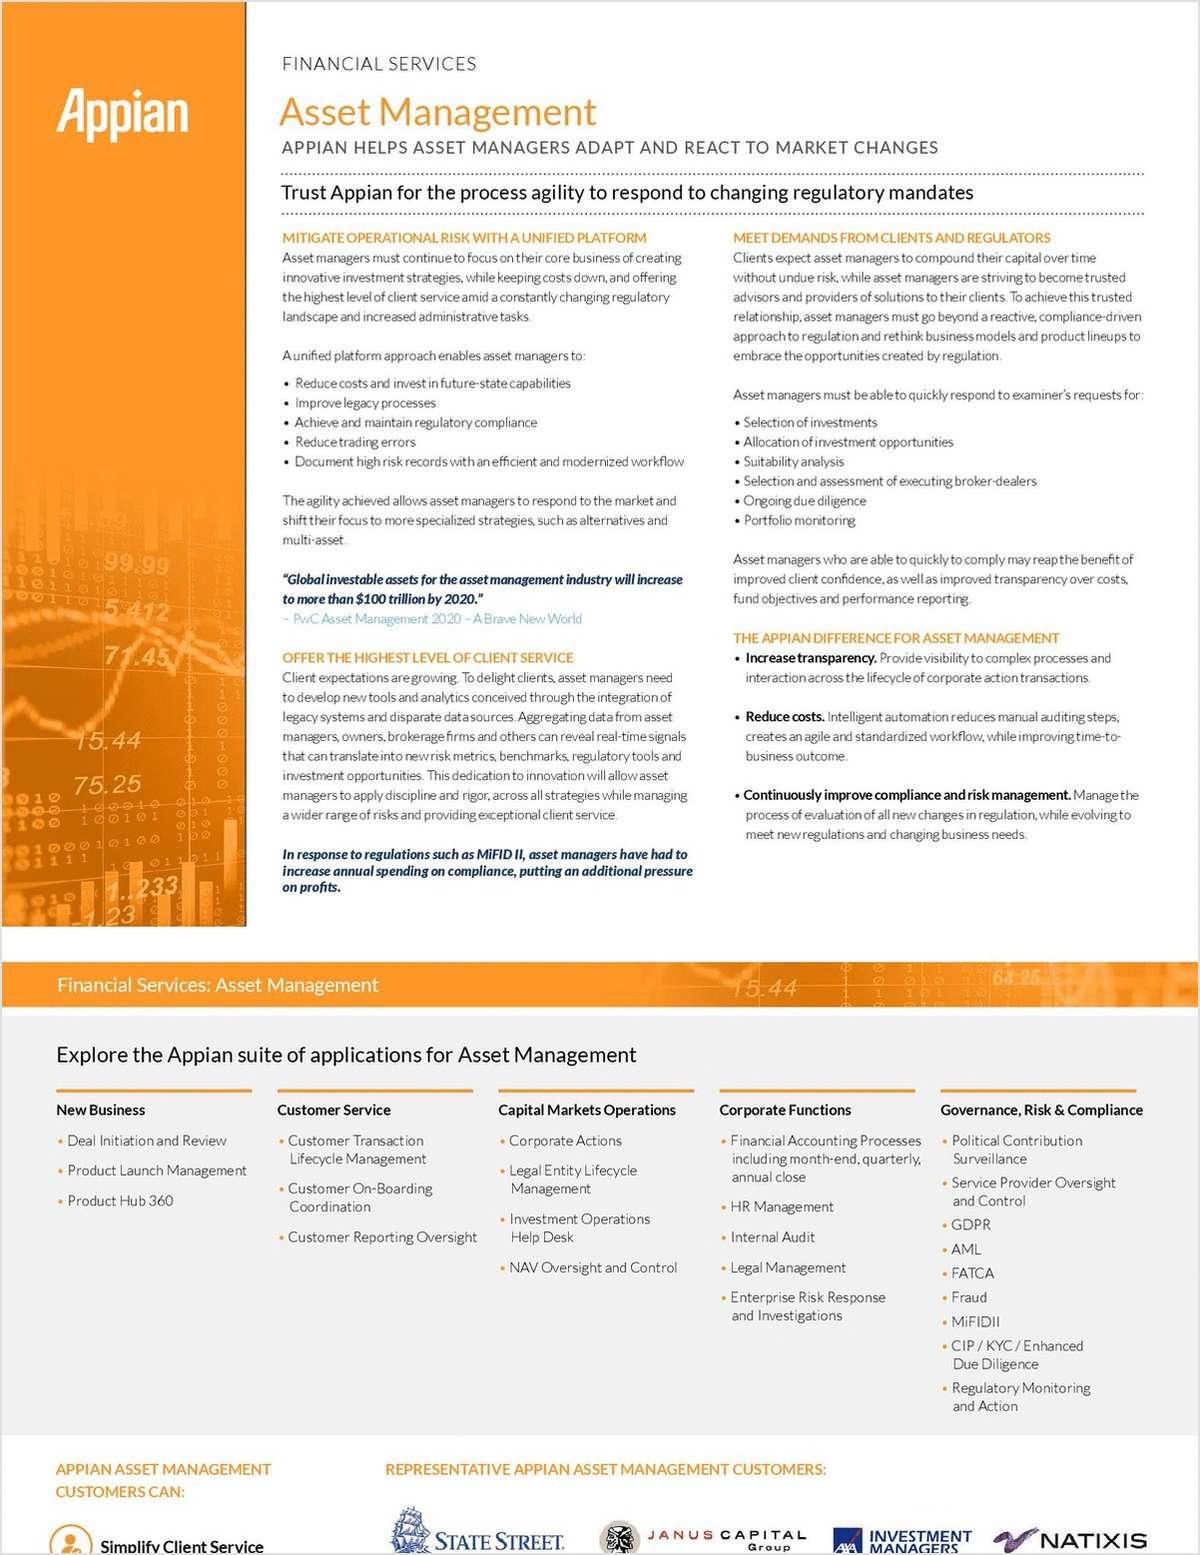 Appian for Asset Management